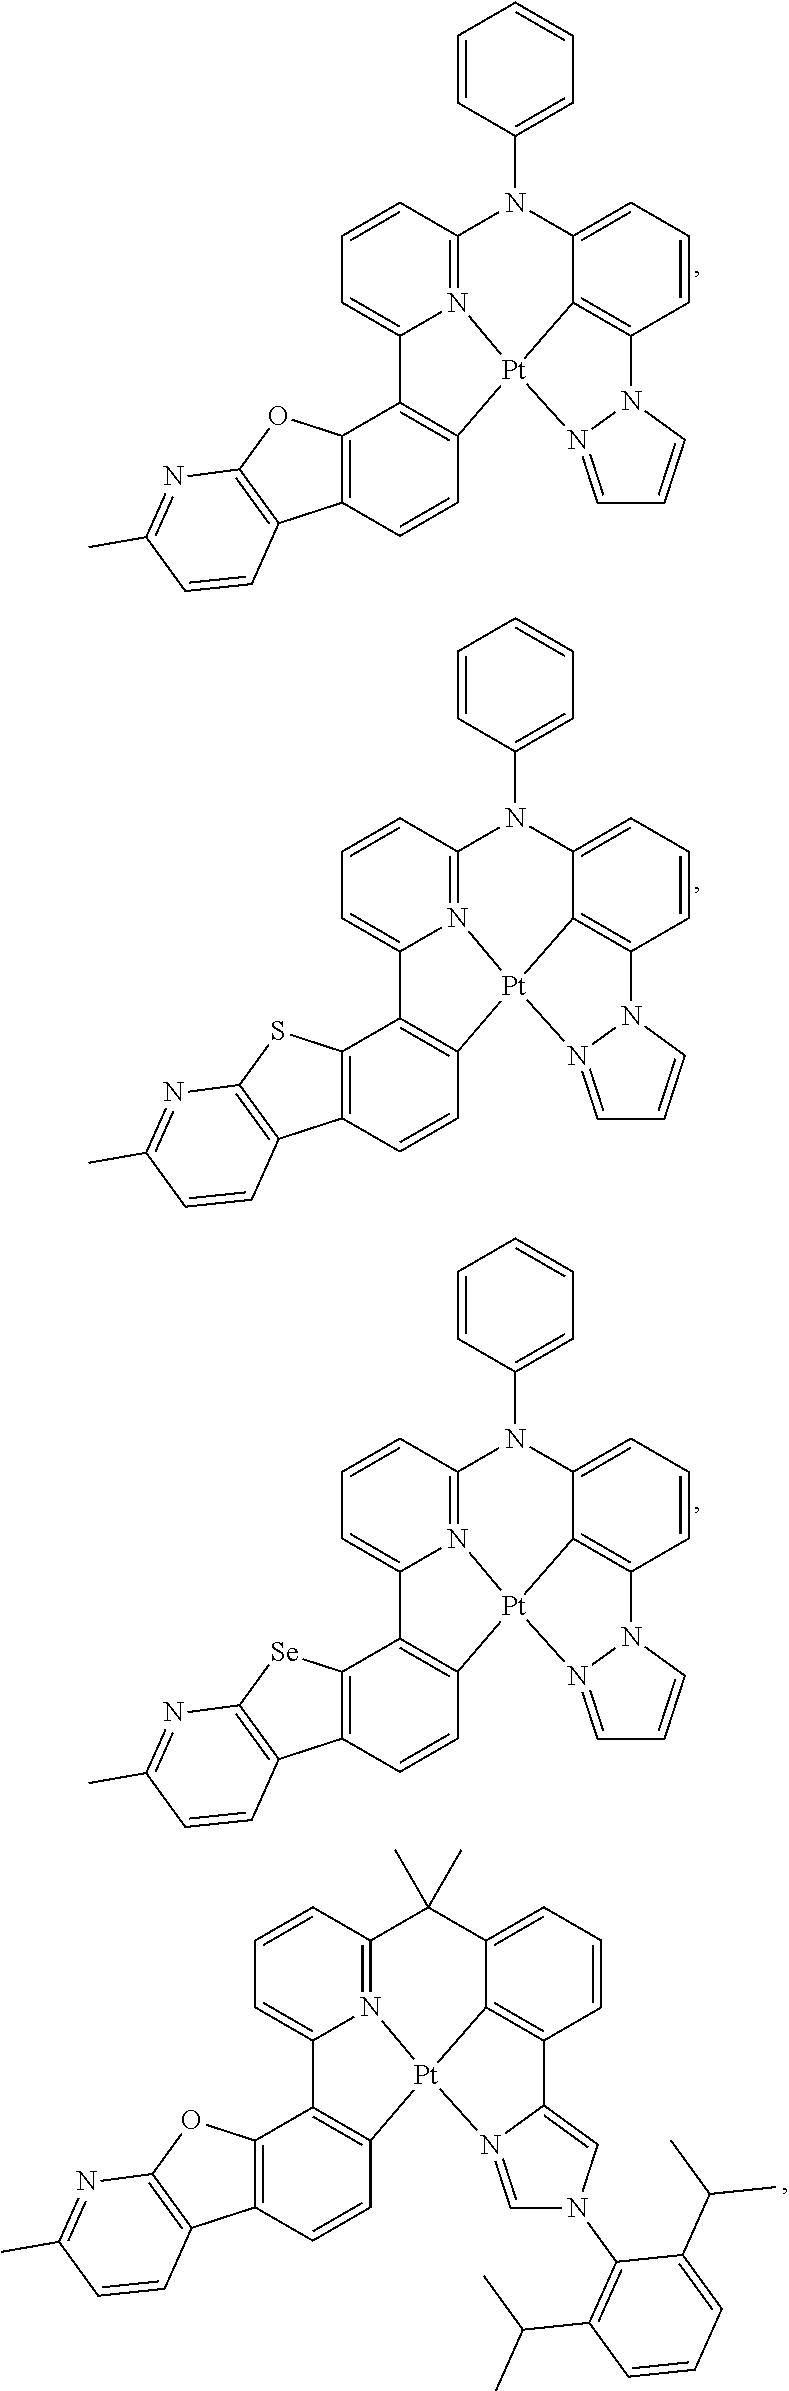 Figure US09871214-20180116-C00025